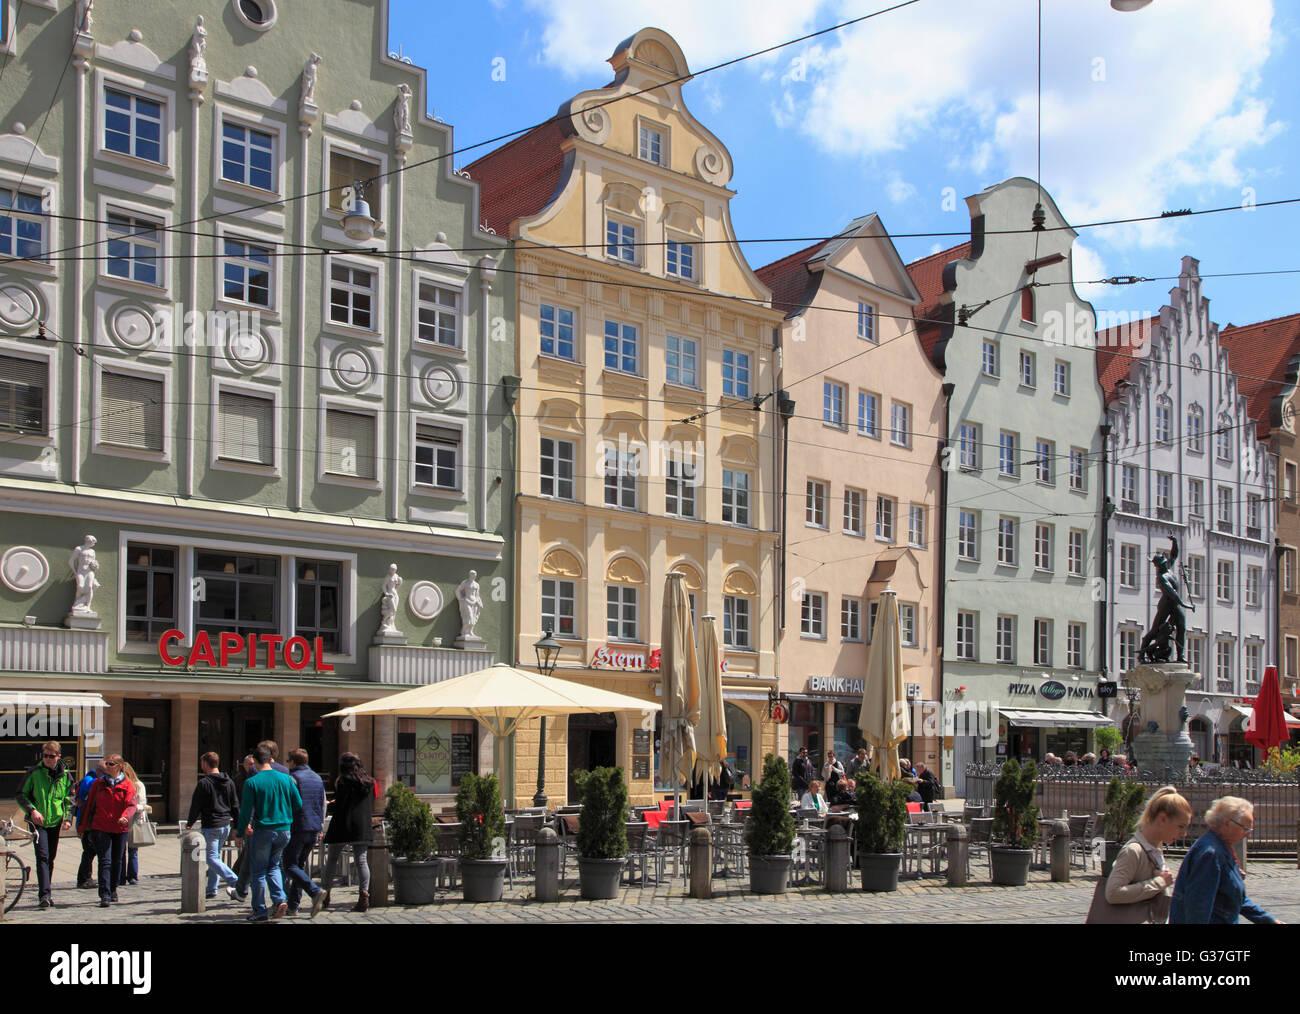 Germany, Bavaria, Augsburg, Maximilianstrasse, people, - Stock Image